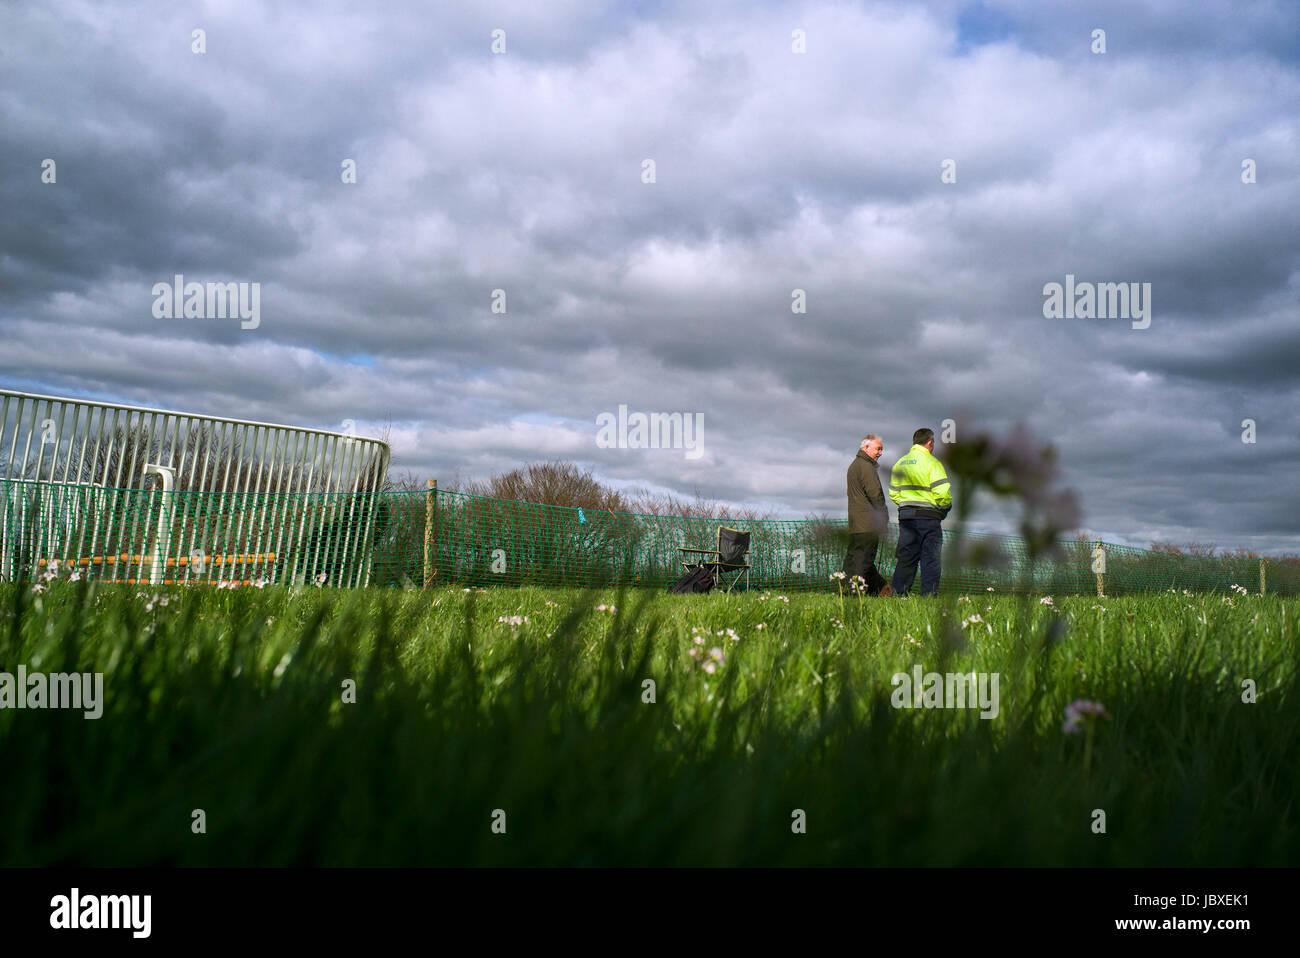 Ein Sanitäter und Zuschauer von der Rennstrecke bei Eggesford Jagd Punkt zu Punkt, die Fahrer sind Anker und Stockbild